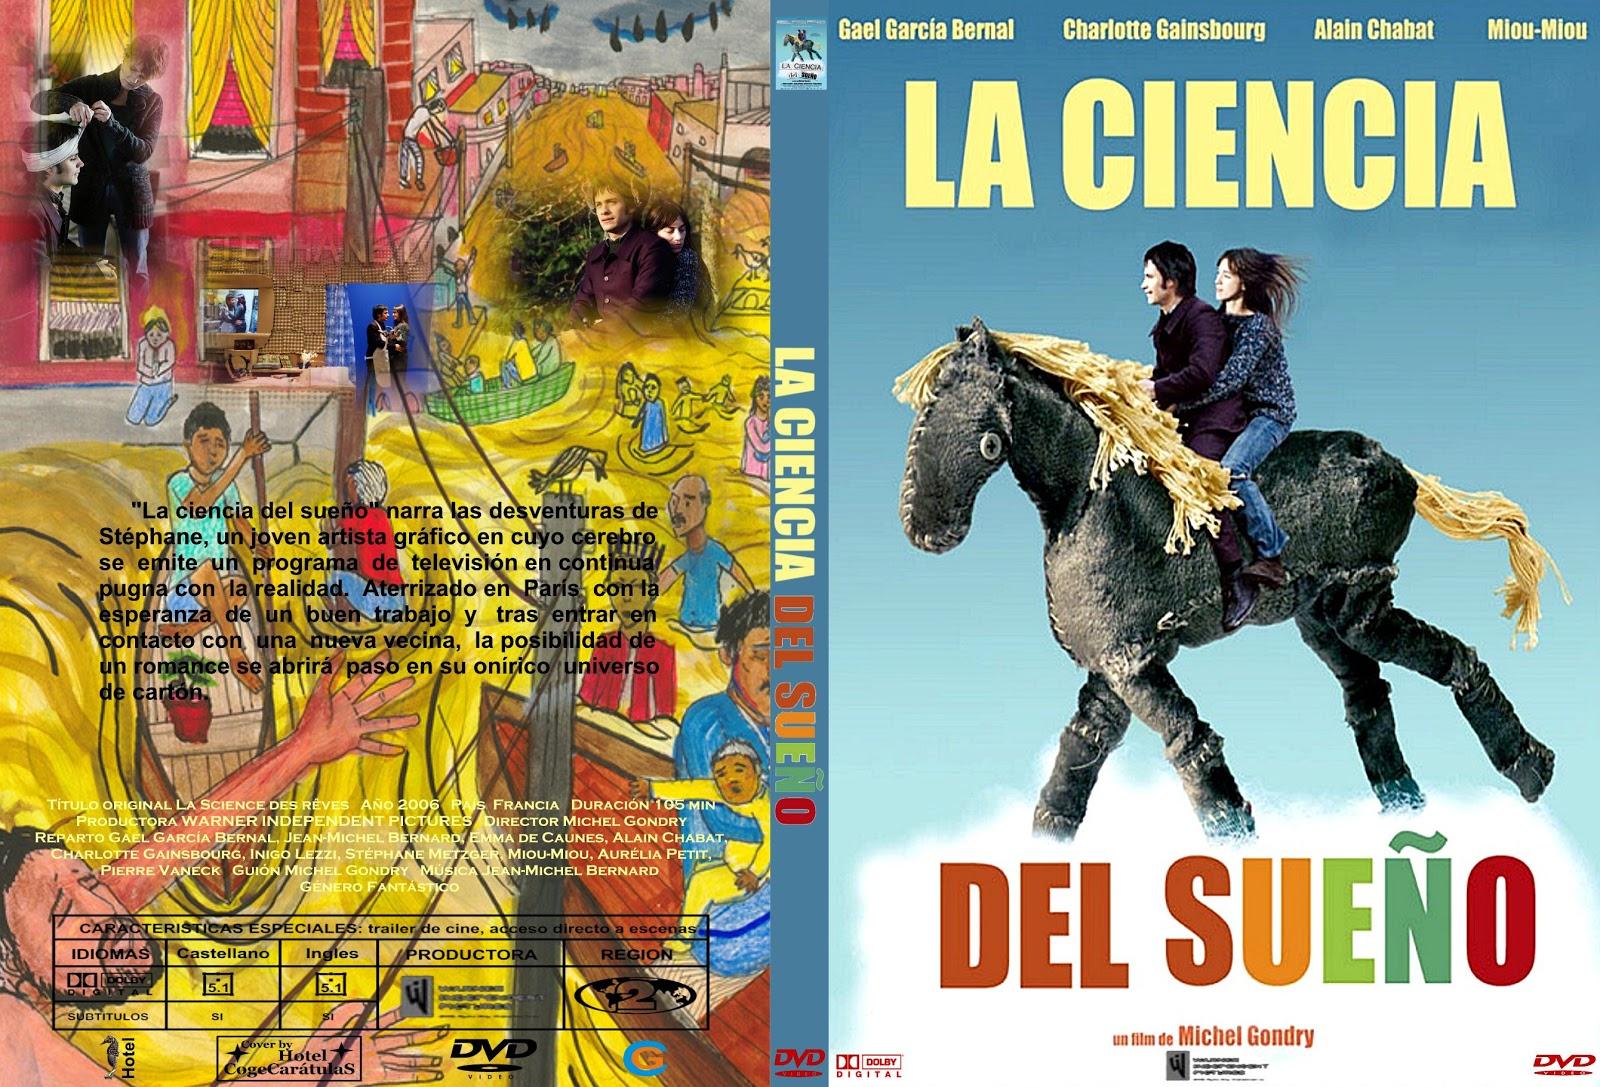 http://1.bp.blogspot.com/-bBheVUzWApI/UHTRGF86T8I/AAAAAAAAF-0/RYno5IocZsg/s1600/La+Ciencia+Del+Sueno+-+dvd_por+Hotel.jpg